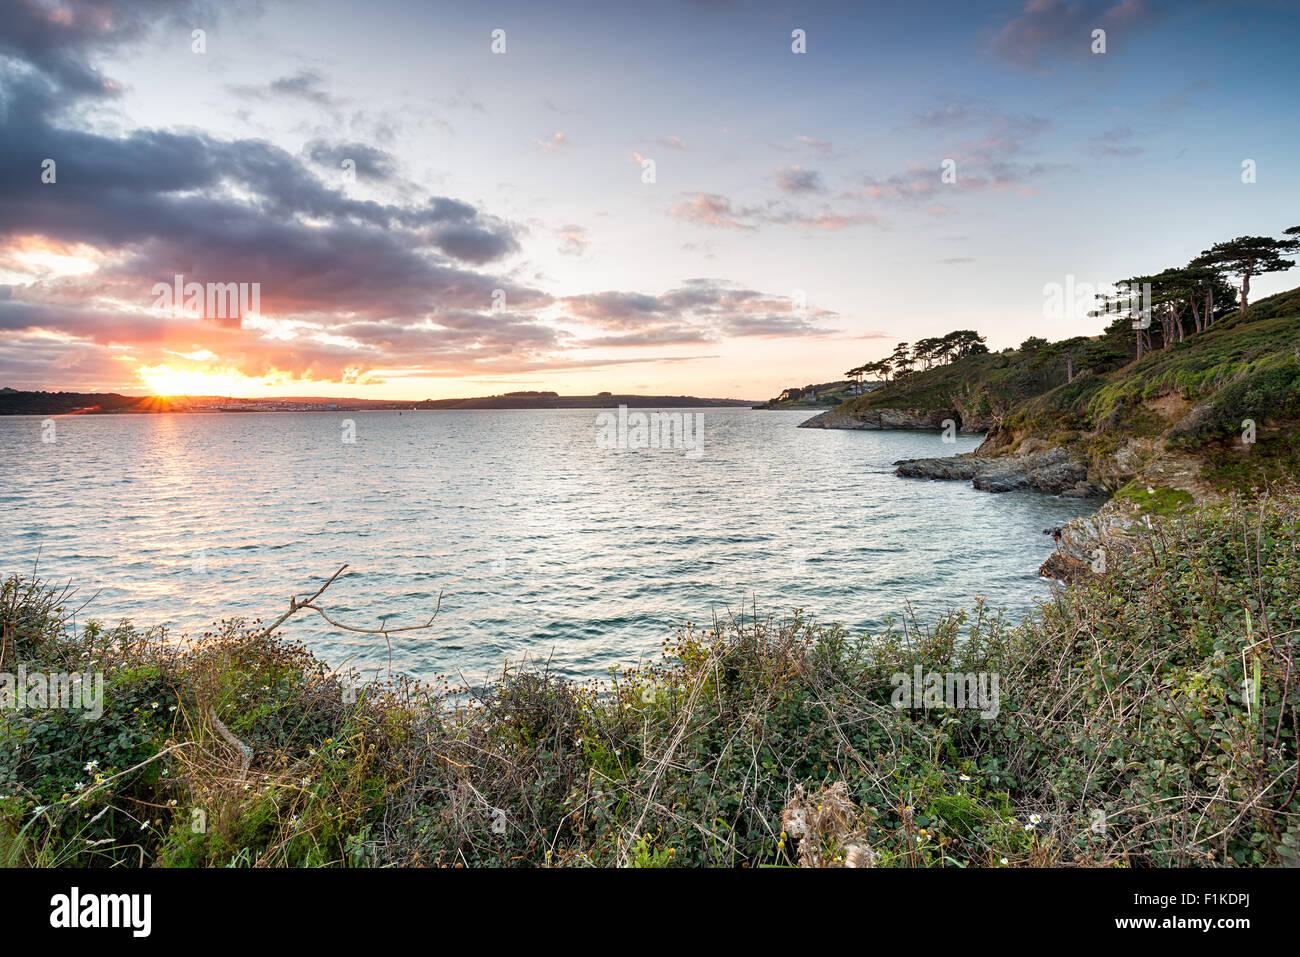 La vue de St Anthony's Head à Cornwall avec coucher de soleil sur Falmouth dans l'extrême gauche, Photo Stock